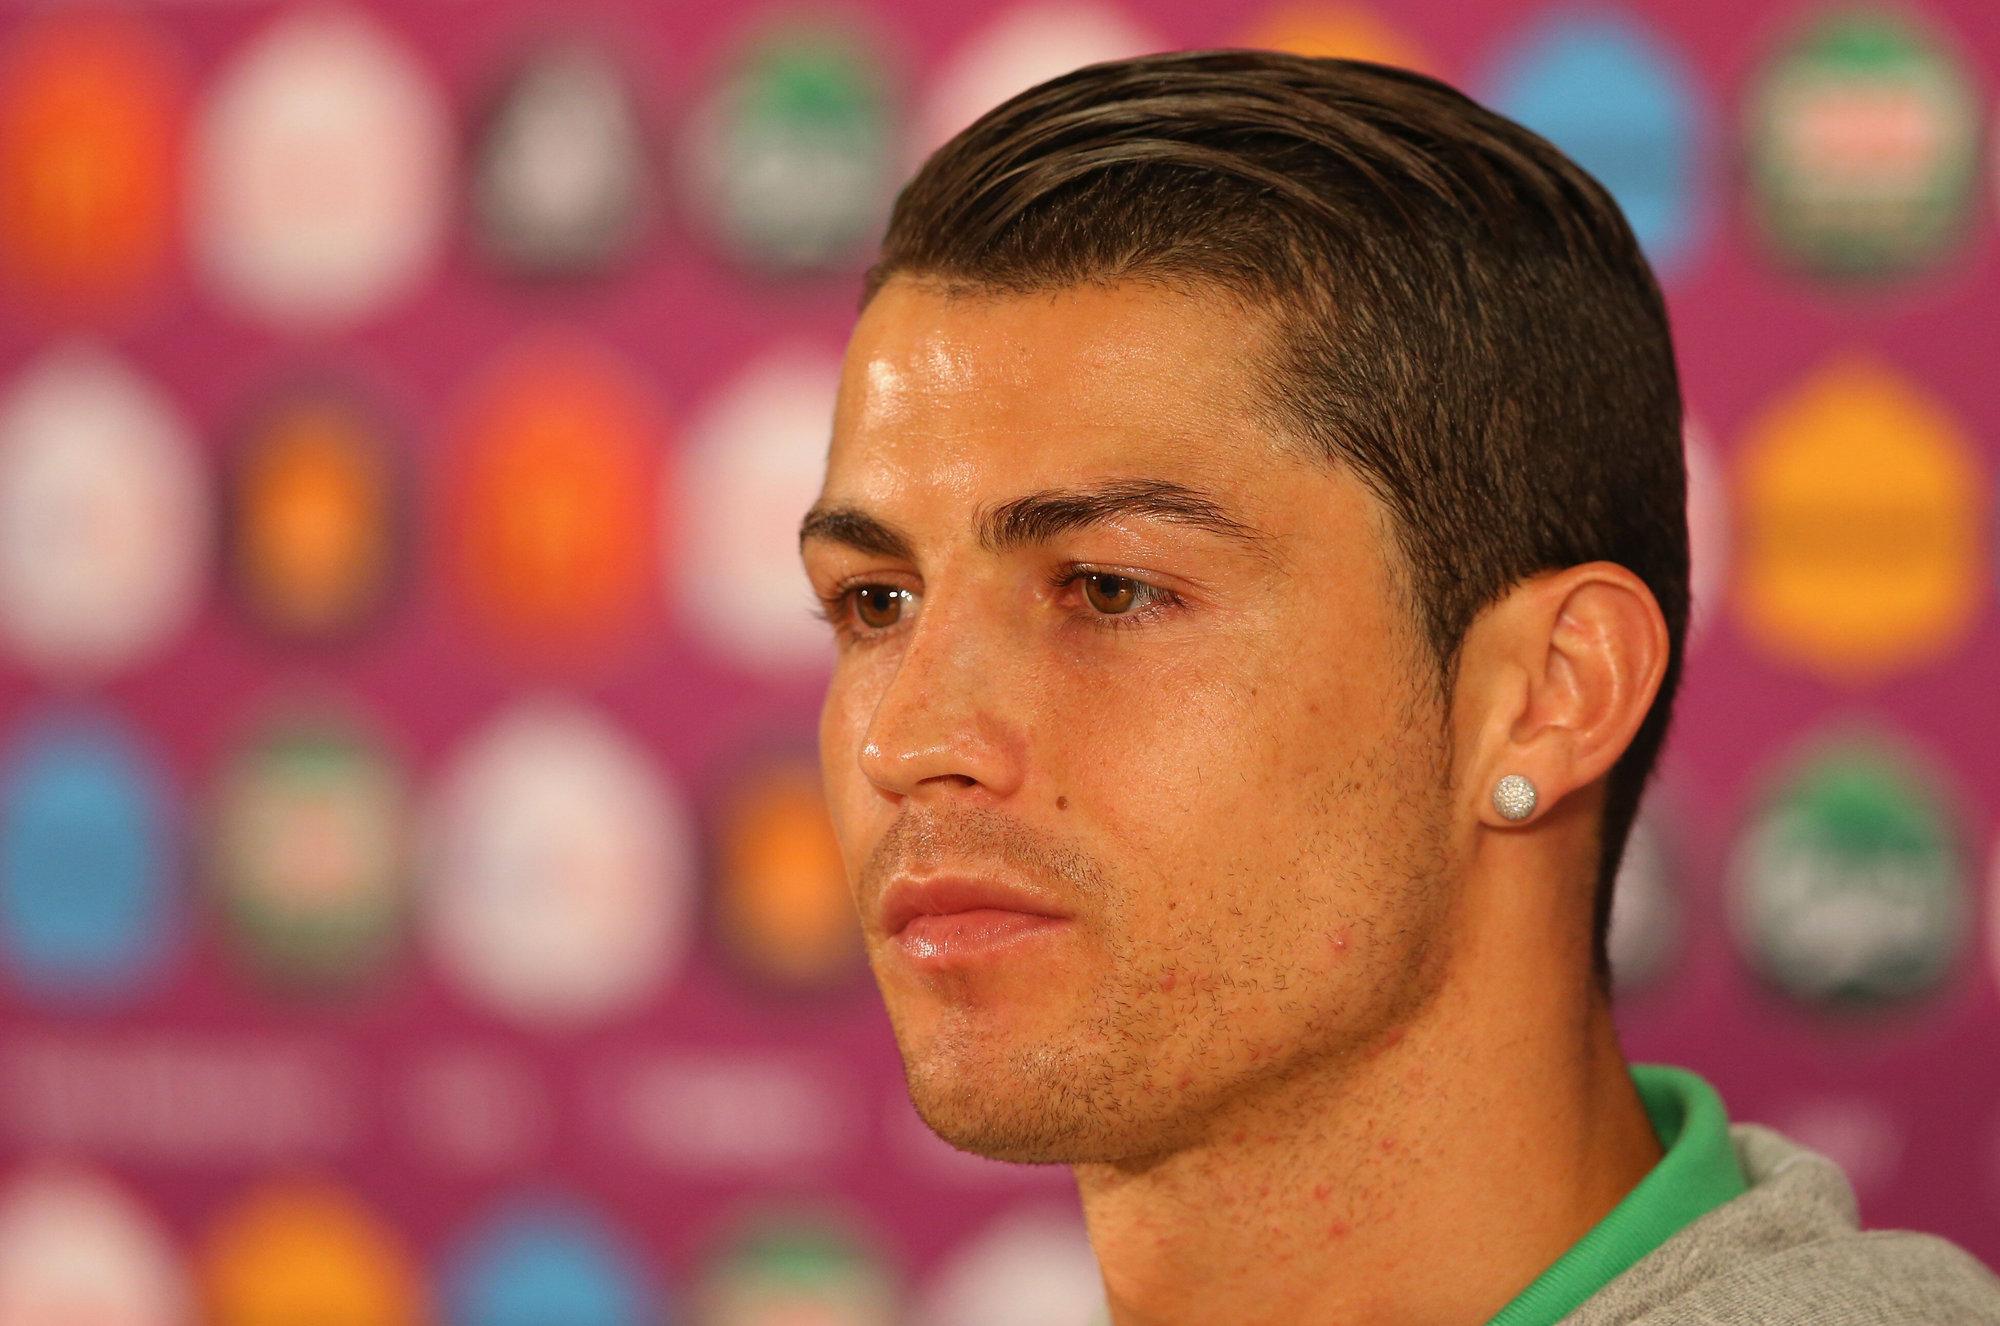 Роналдо фото его причёски